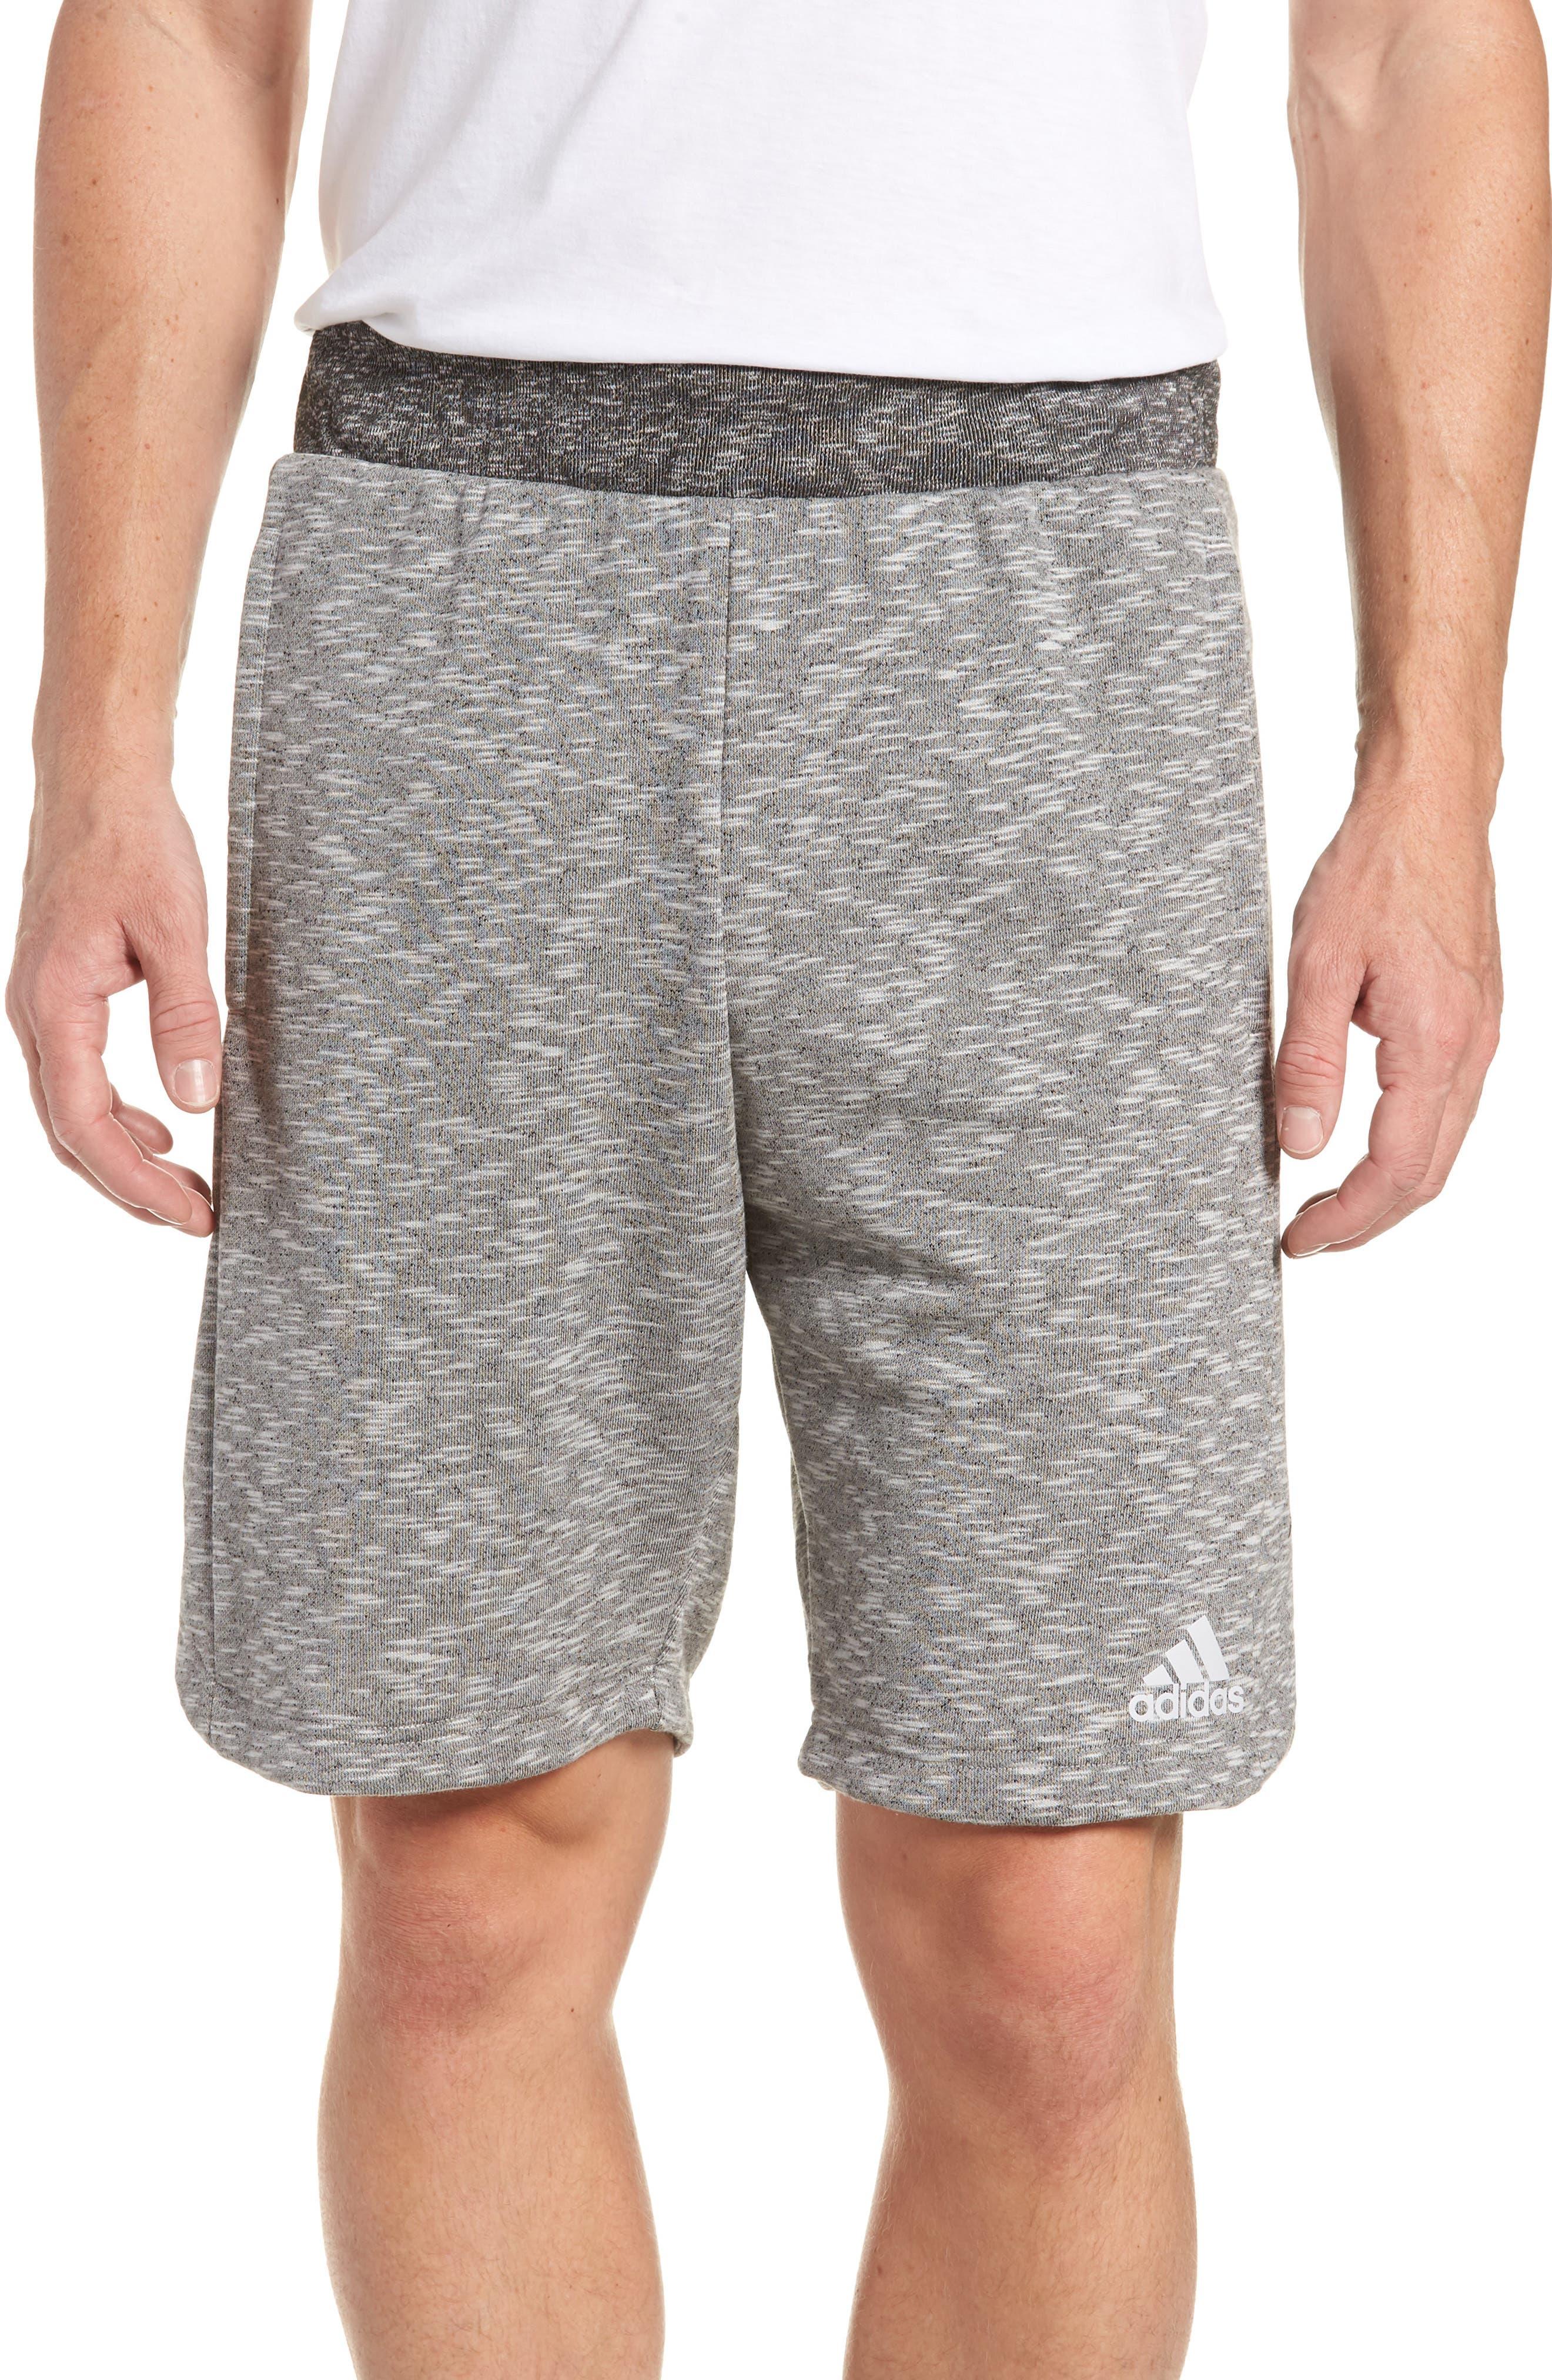 Pick Up Knit Shorts,                             Main thumbnail 1, color,                             Lgh Solid Grey